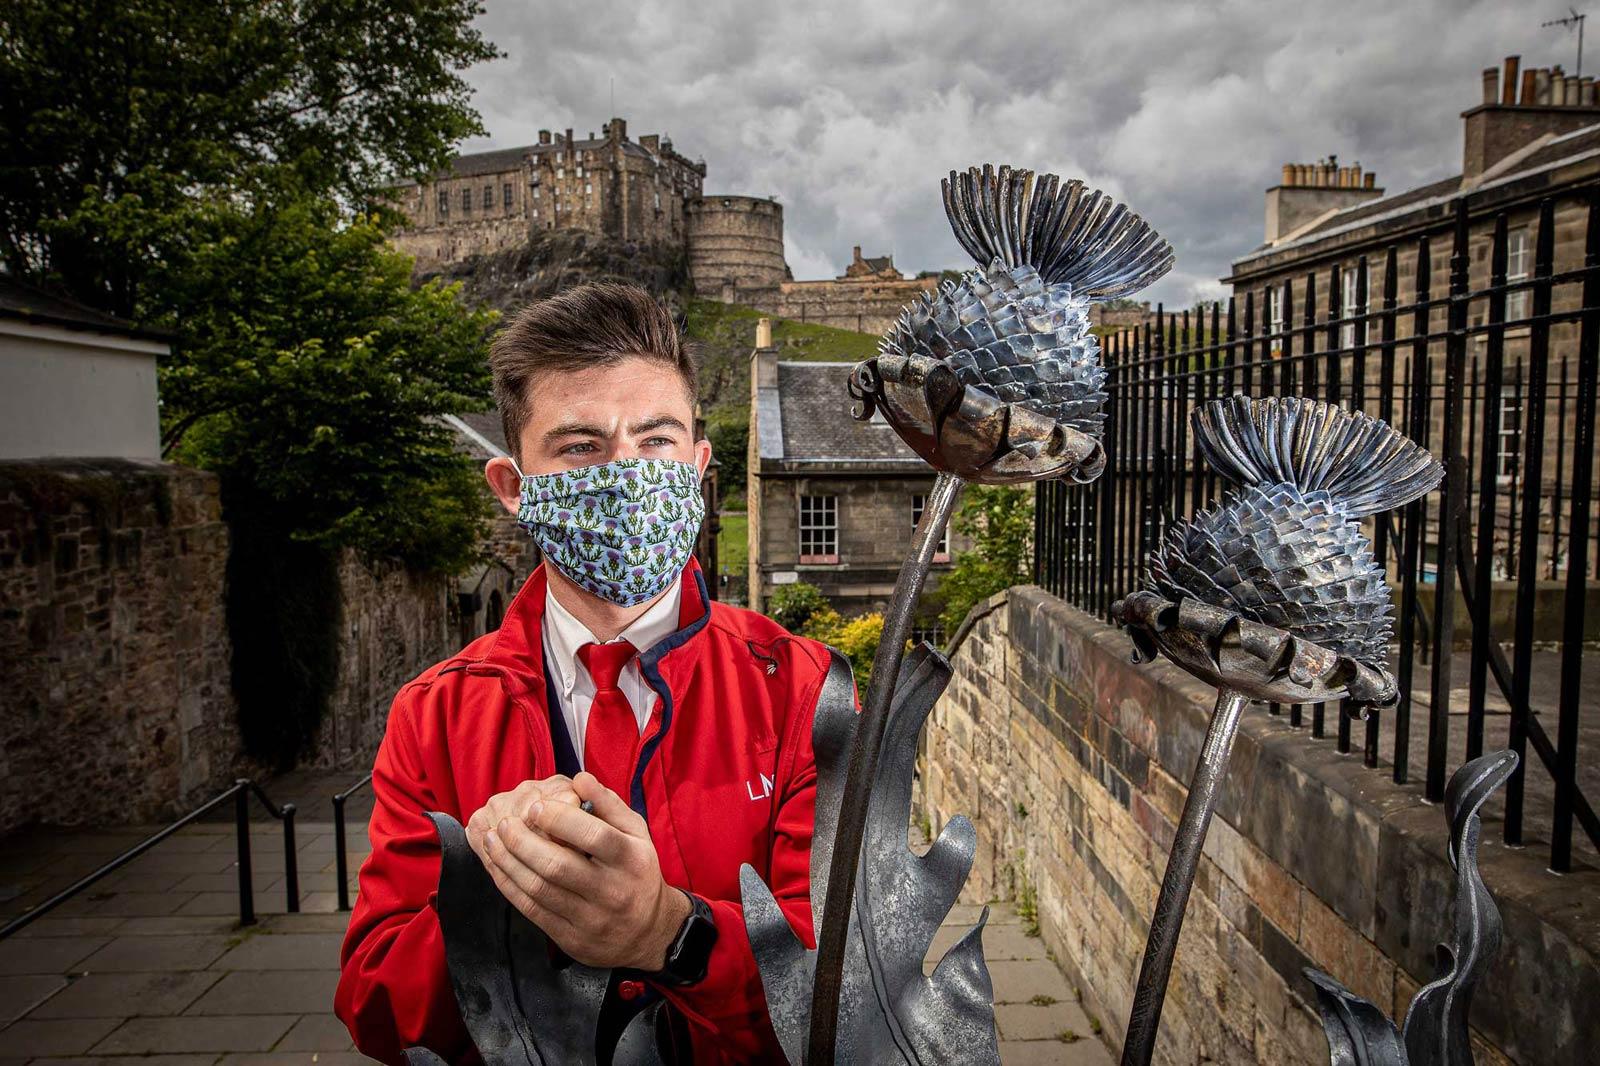 LNER-Face-coverings-Edinburgh.jpg